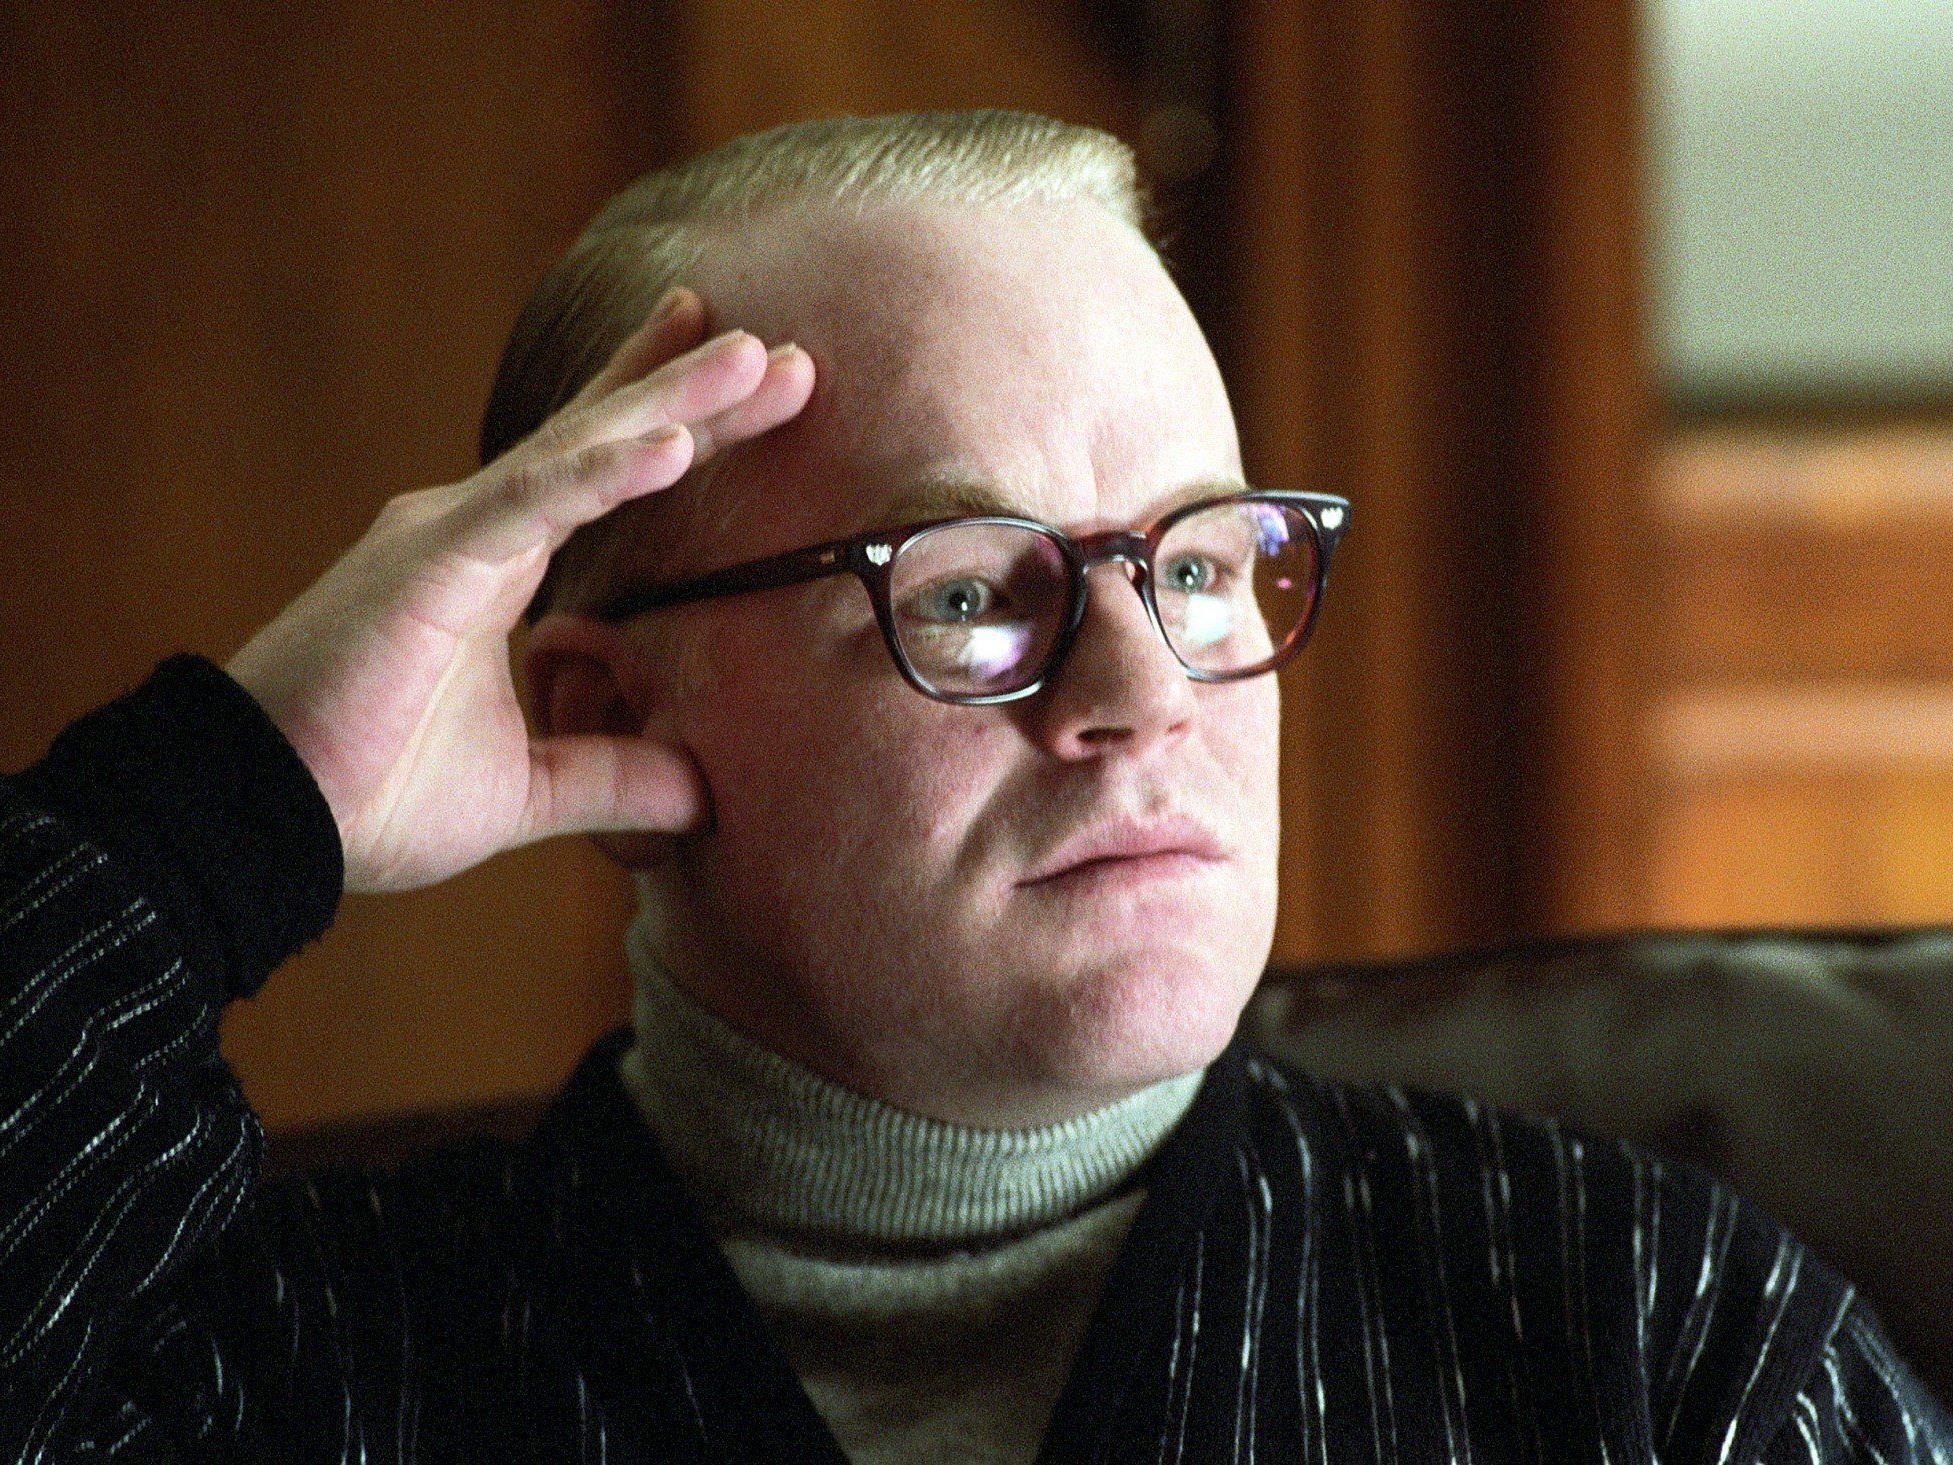 """Von seiner Drogensucht schrieb Hoffman als """"Dämonen"""", die ihn verfolgten."""